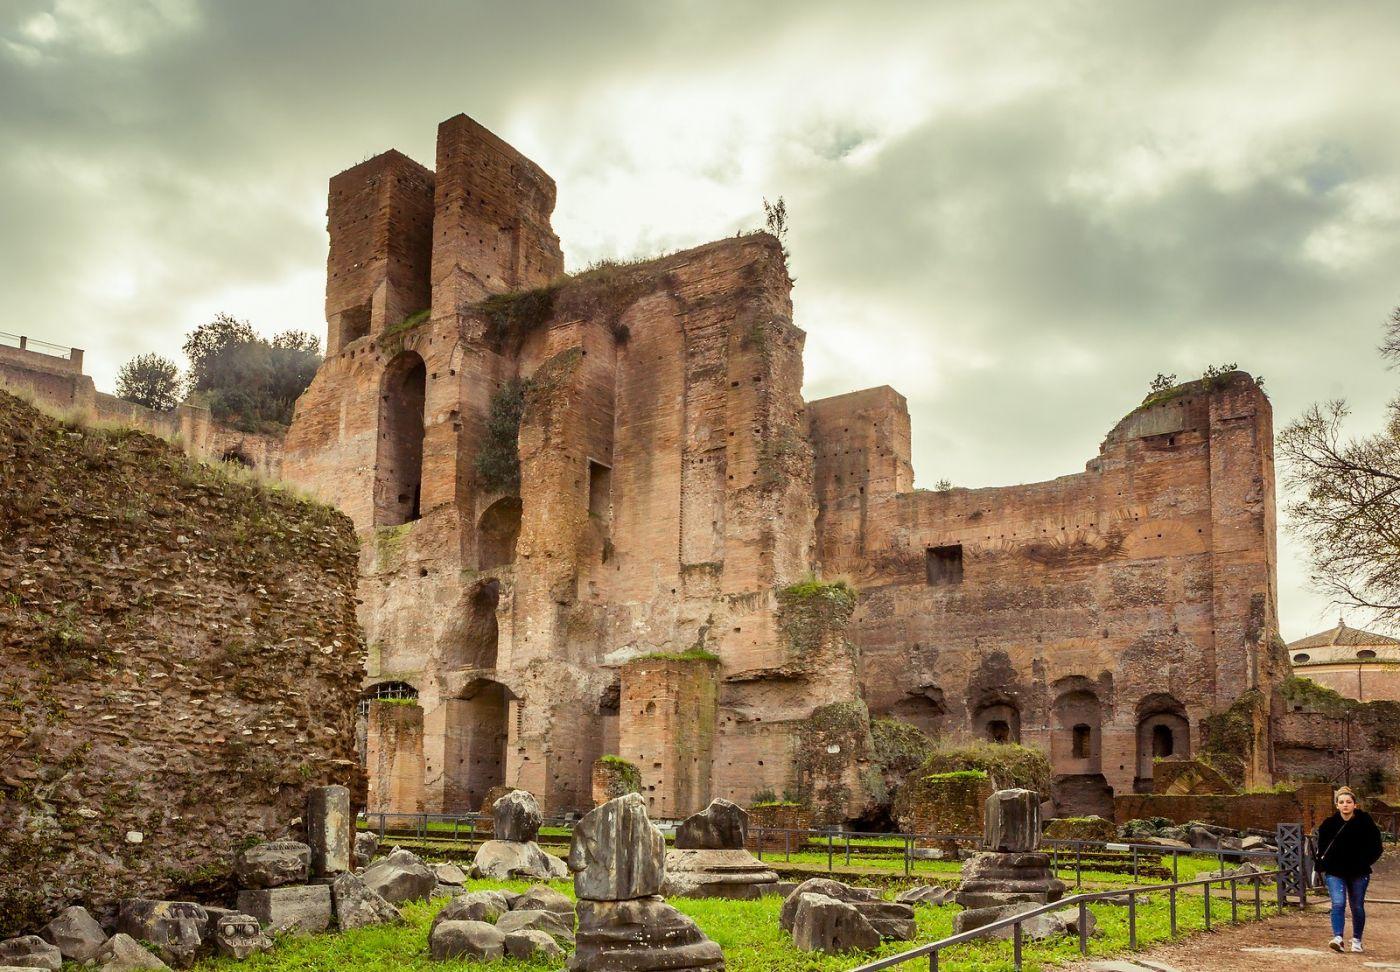 意大利罗马论坛,二千年的历史_图1-34